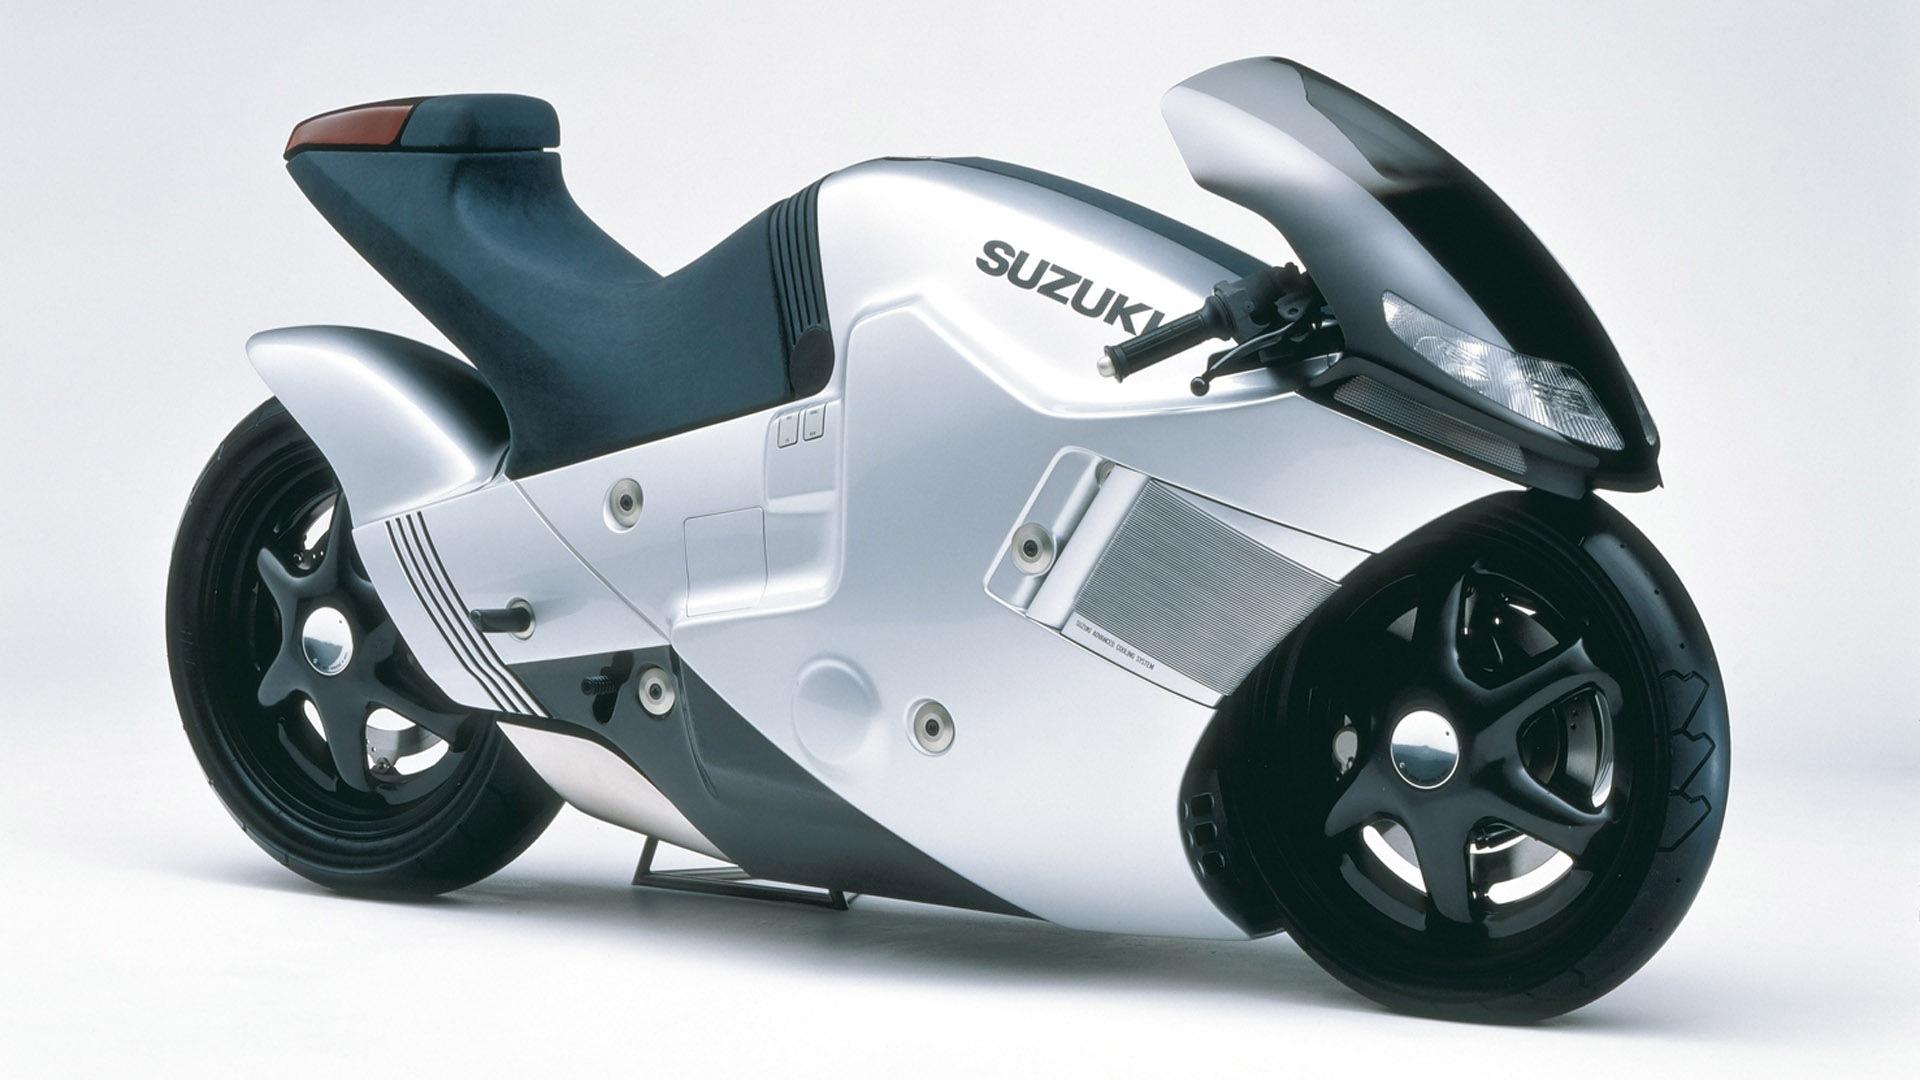 Moto del día: Suzuki Nuda